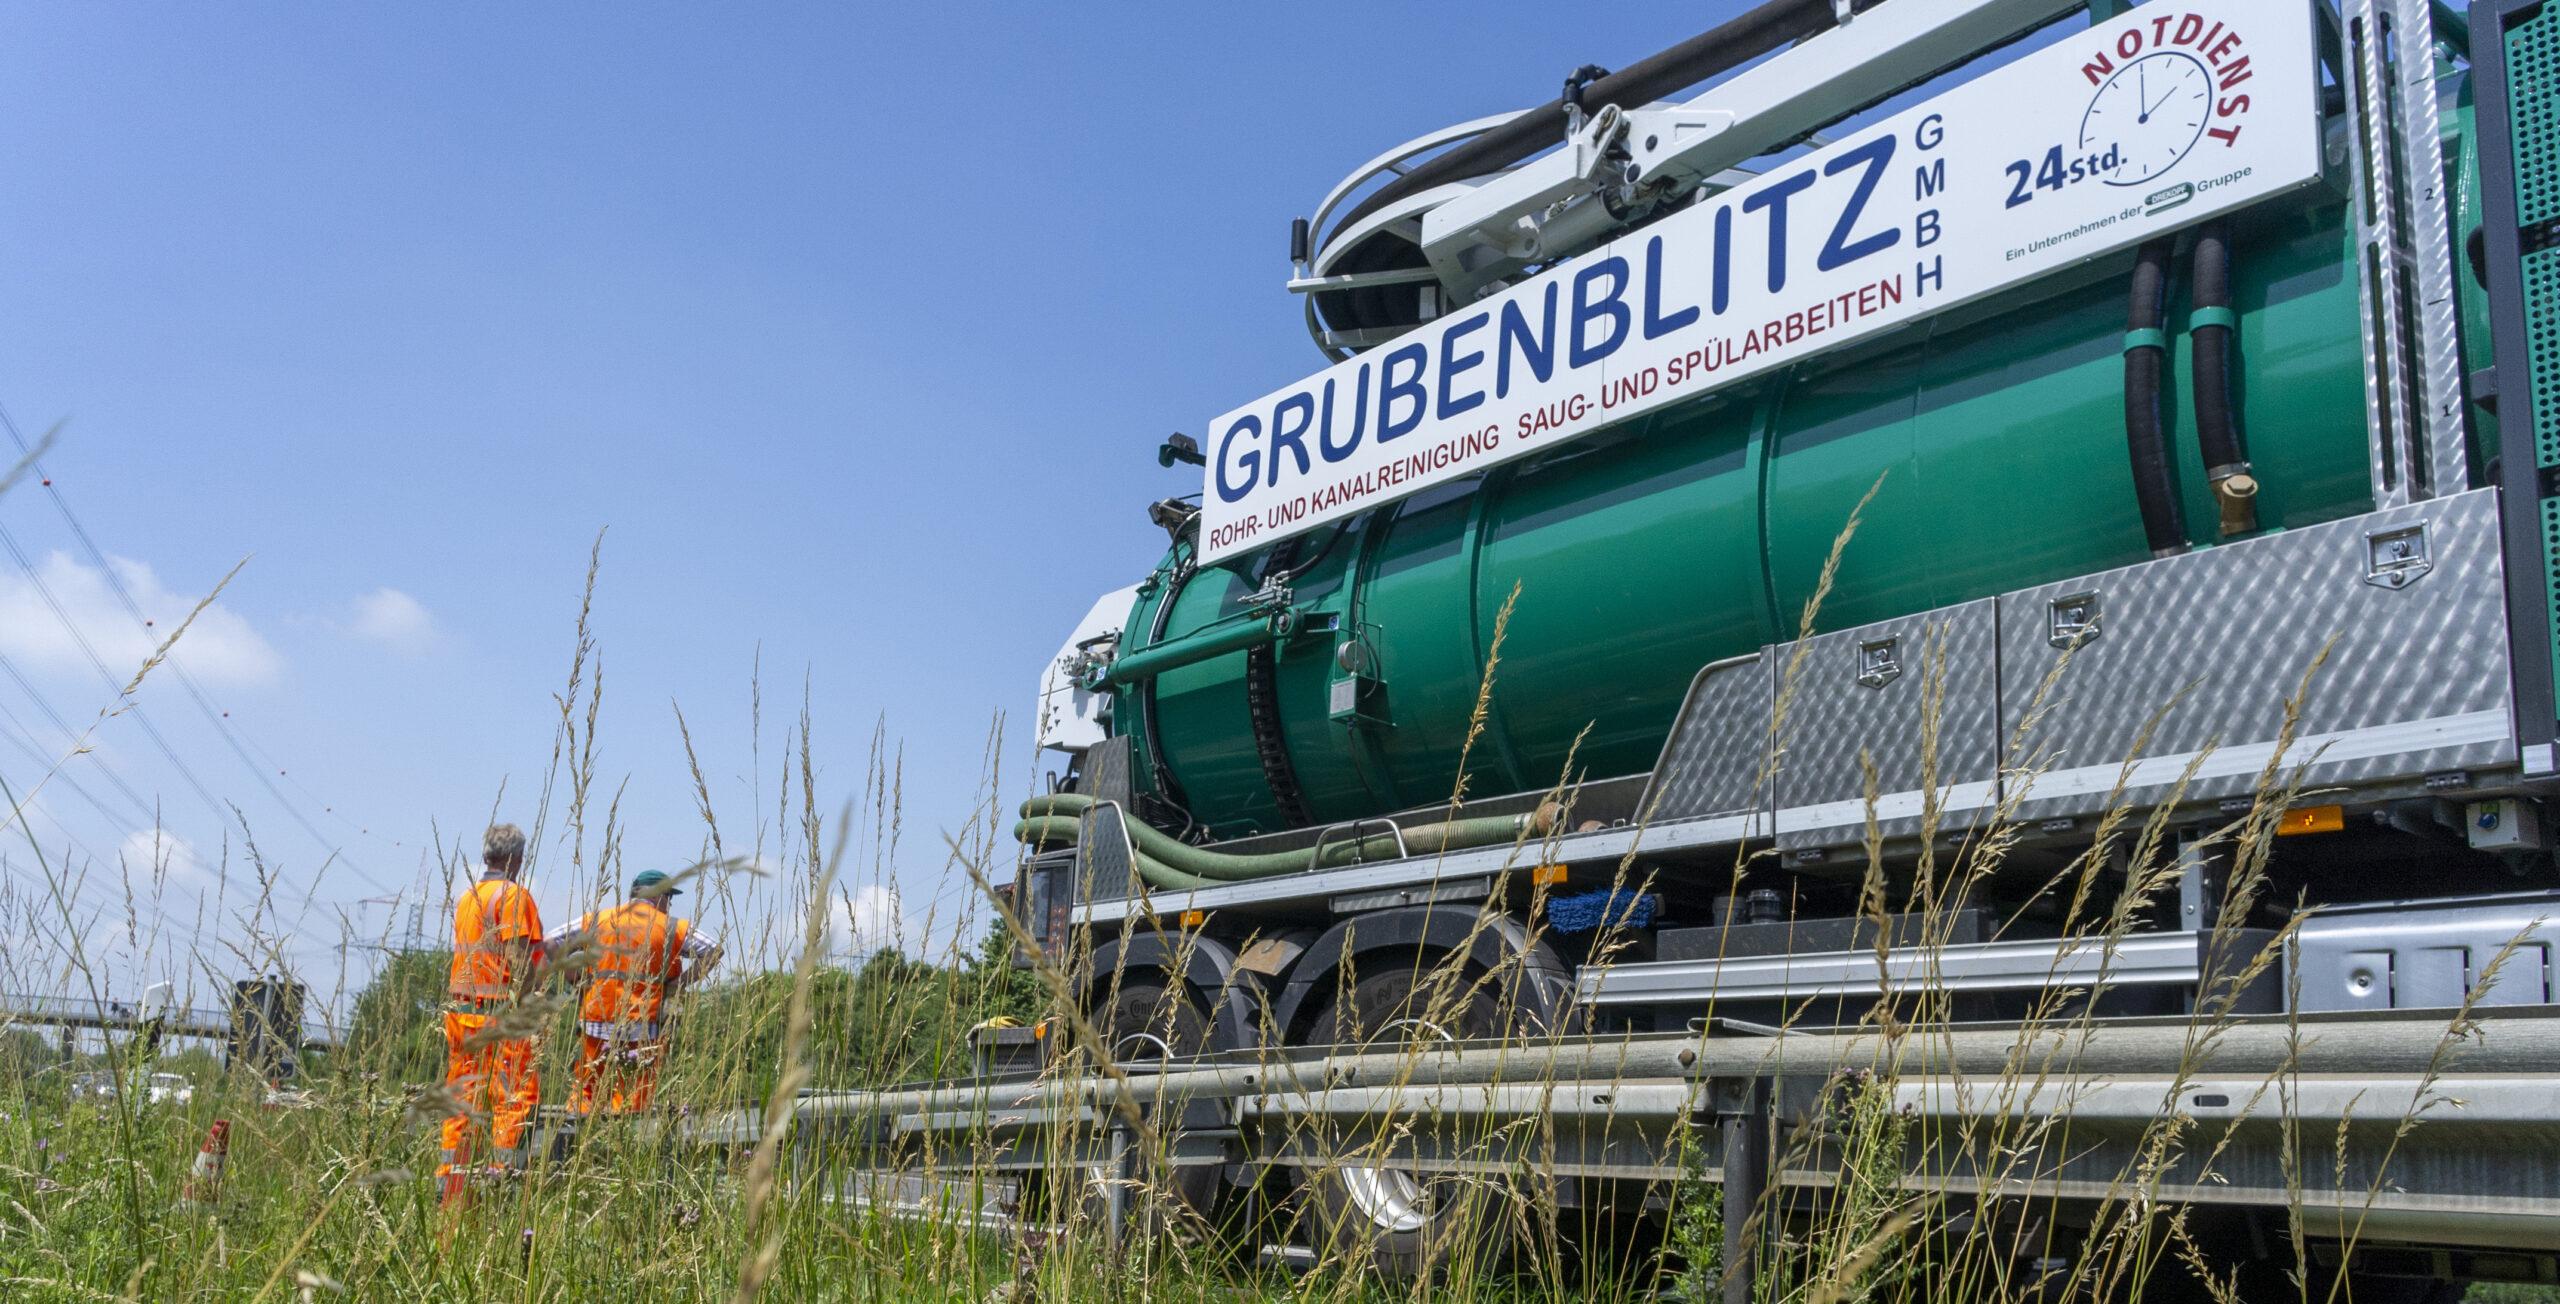 Kanalreingung an der A560 Drekopf und Grubenblitz